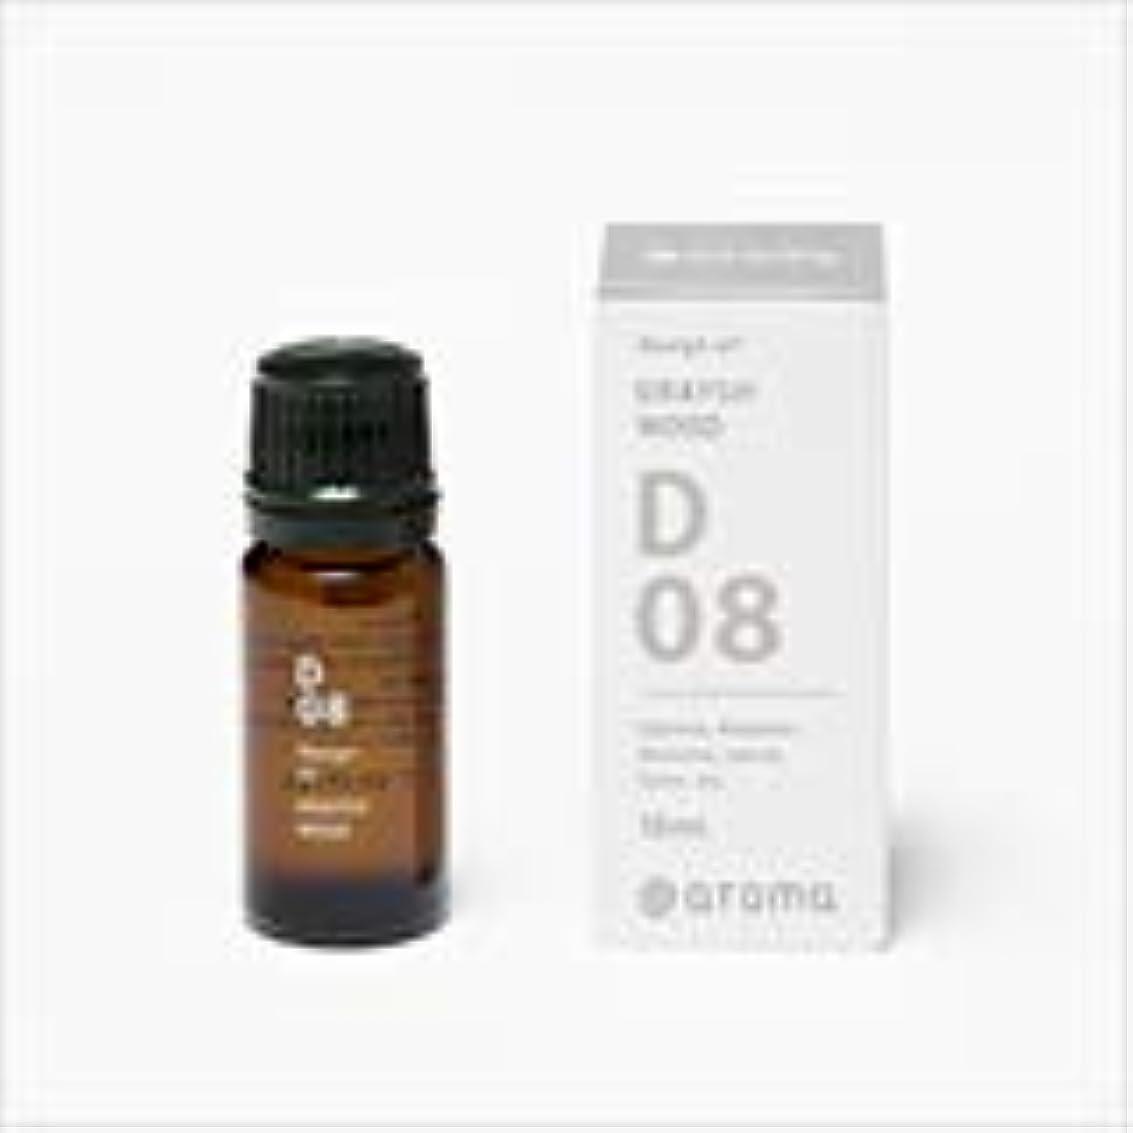 放射能どこでも写真を撮るアットアロマ 100%pure essential oil <Design air バニラベージュ>